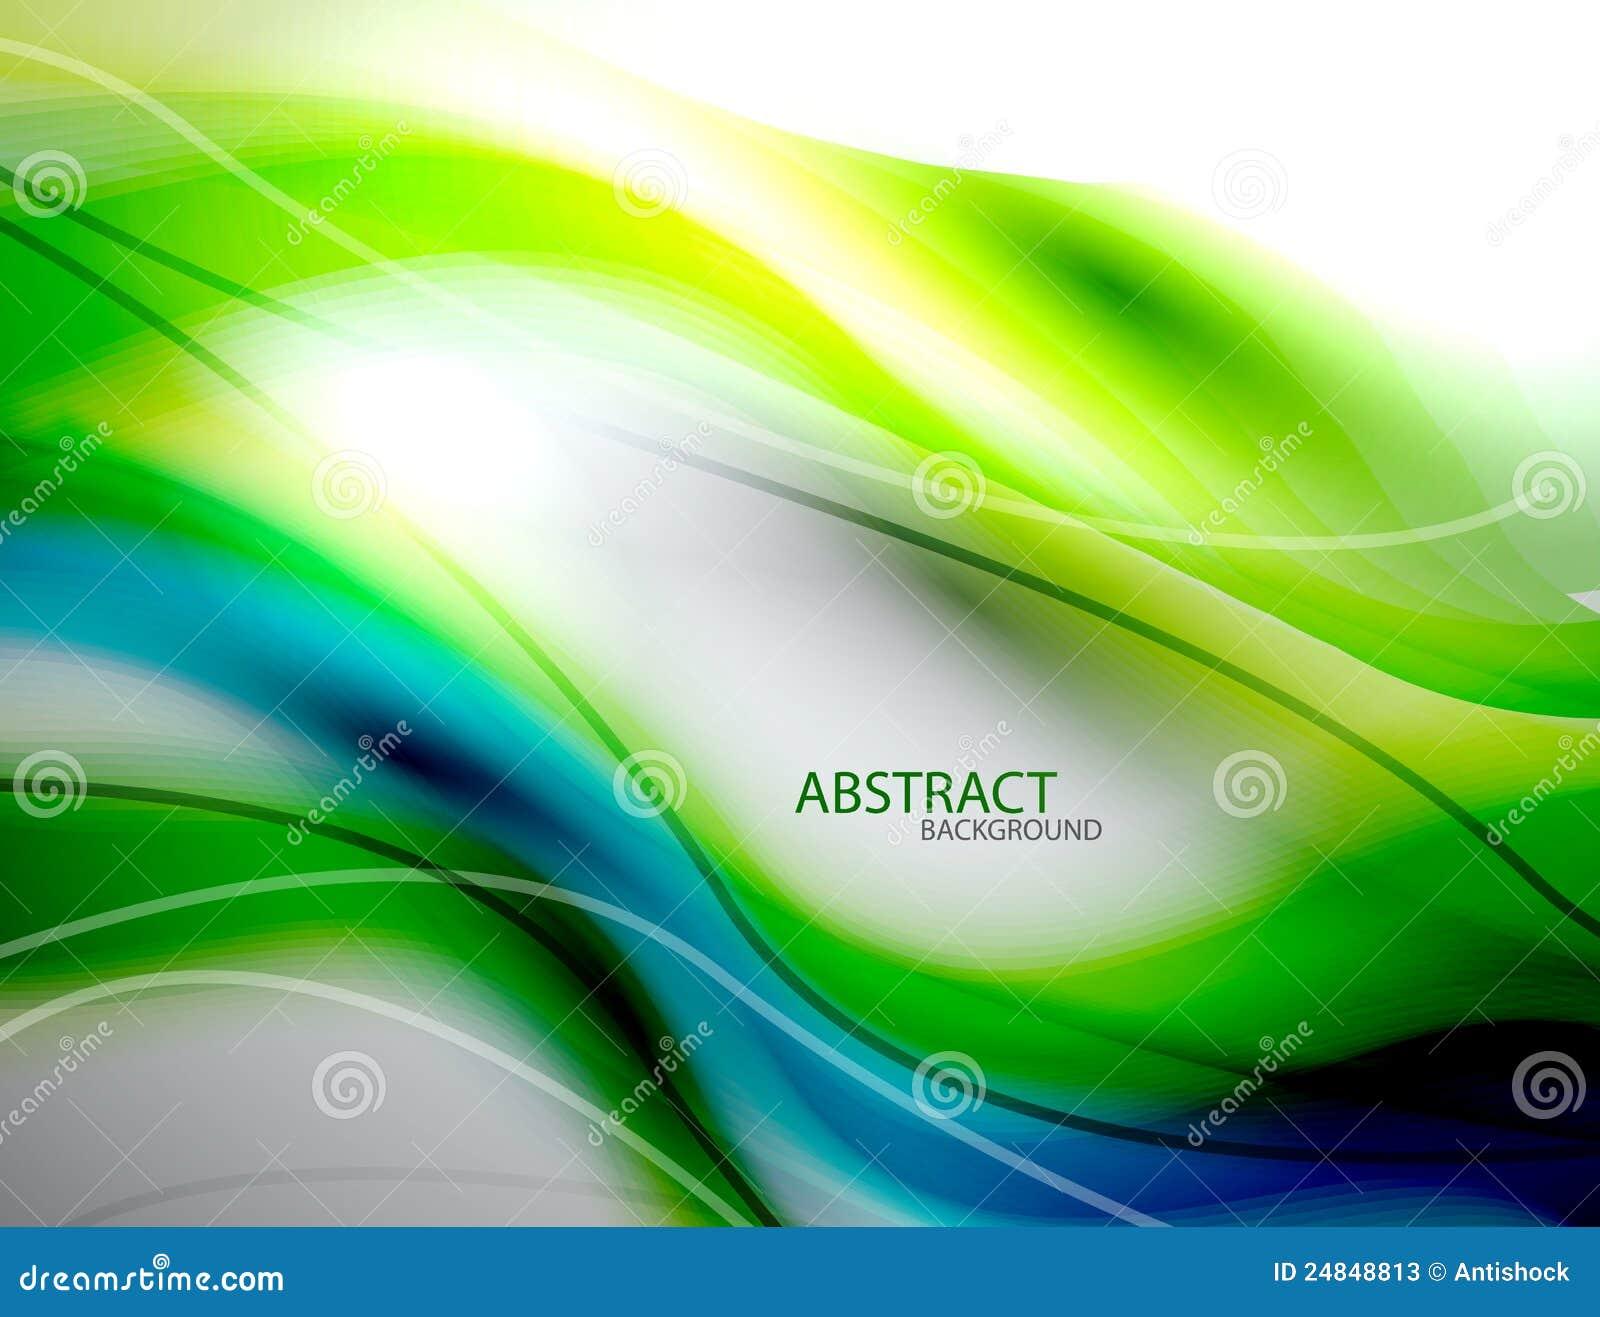 αφηρημένο μπλε θολωμένο πράσινο κύμα ανασκόπησης